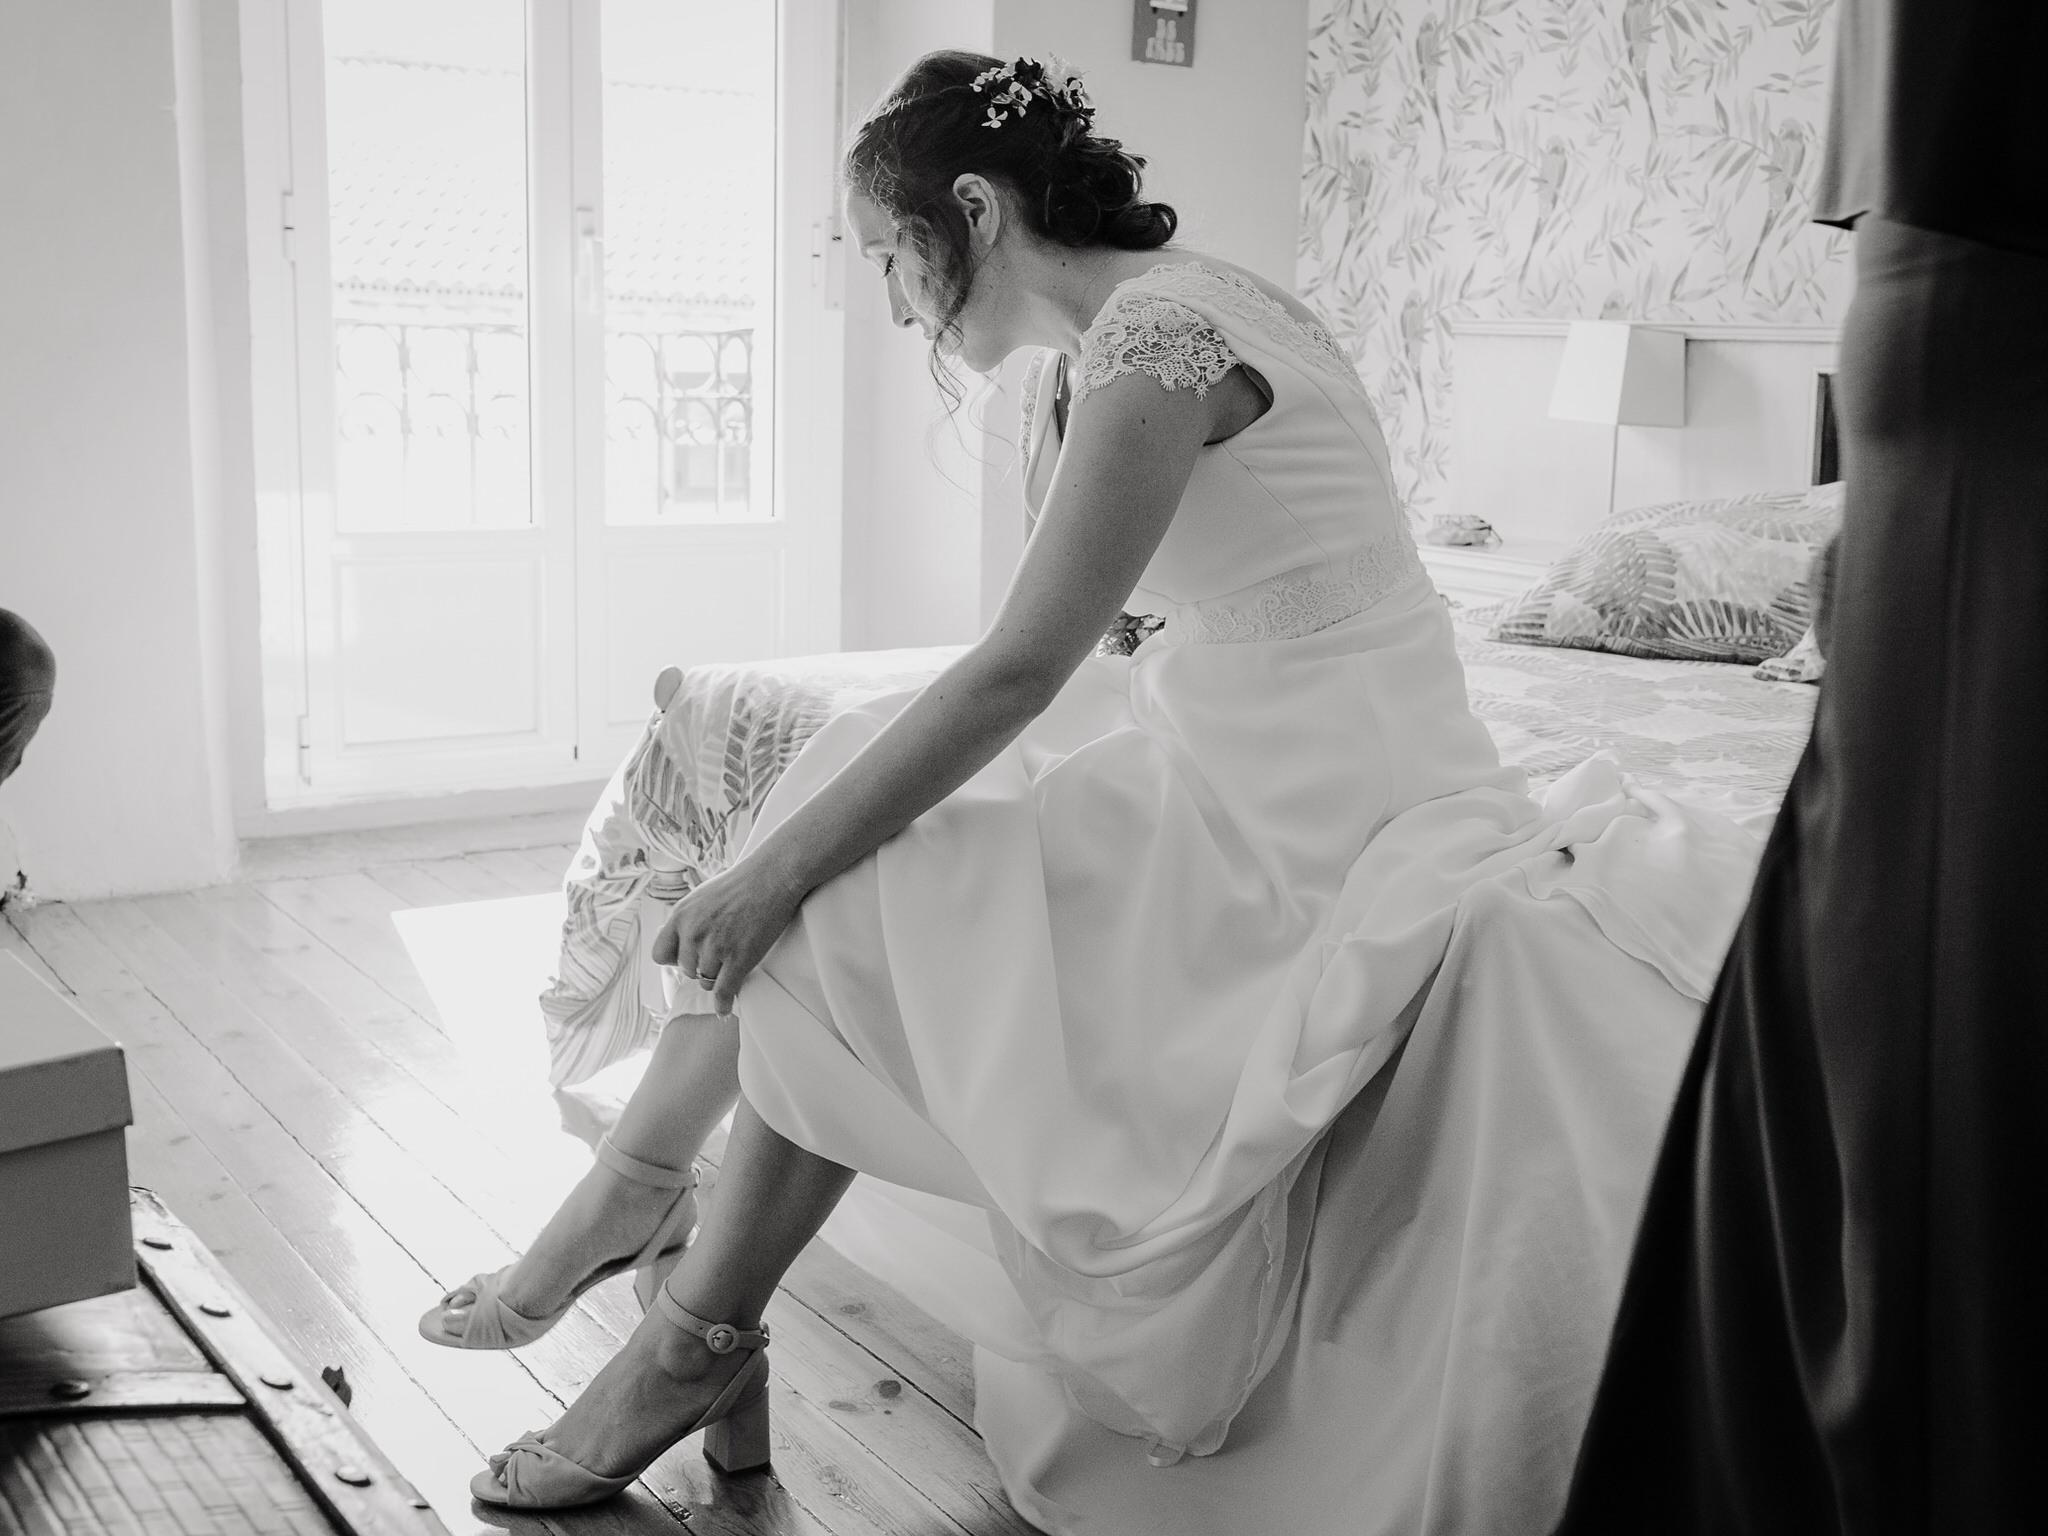 habitacion-novia-blanco-negro